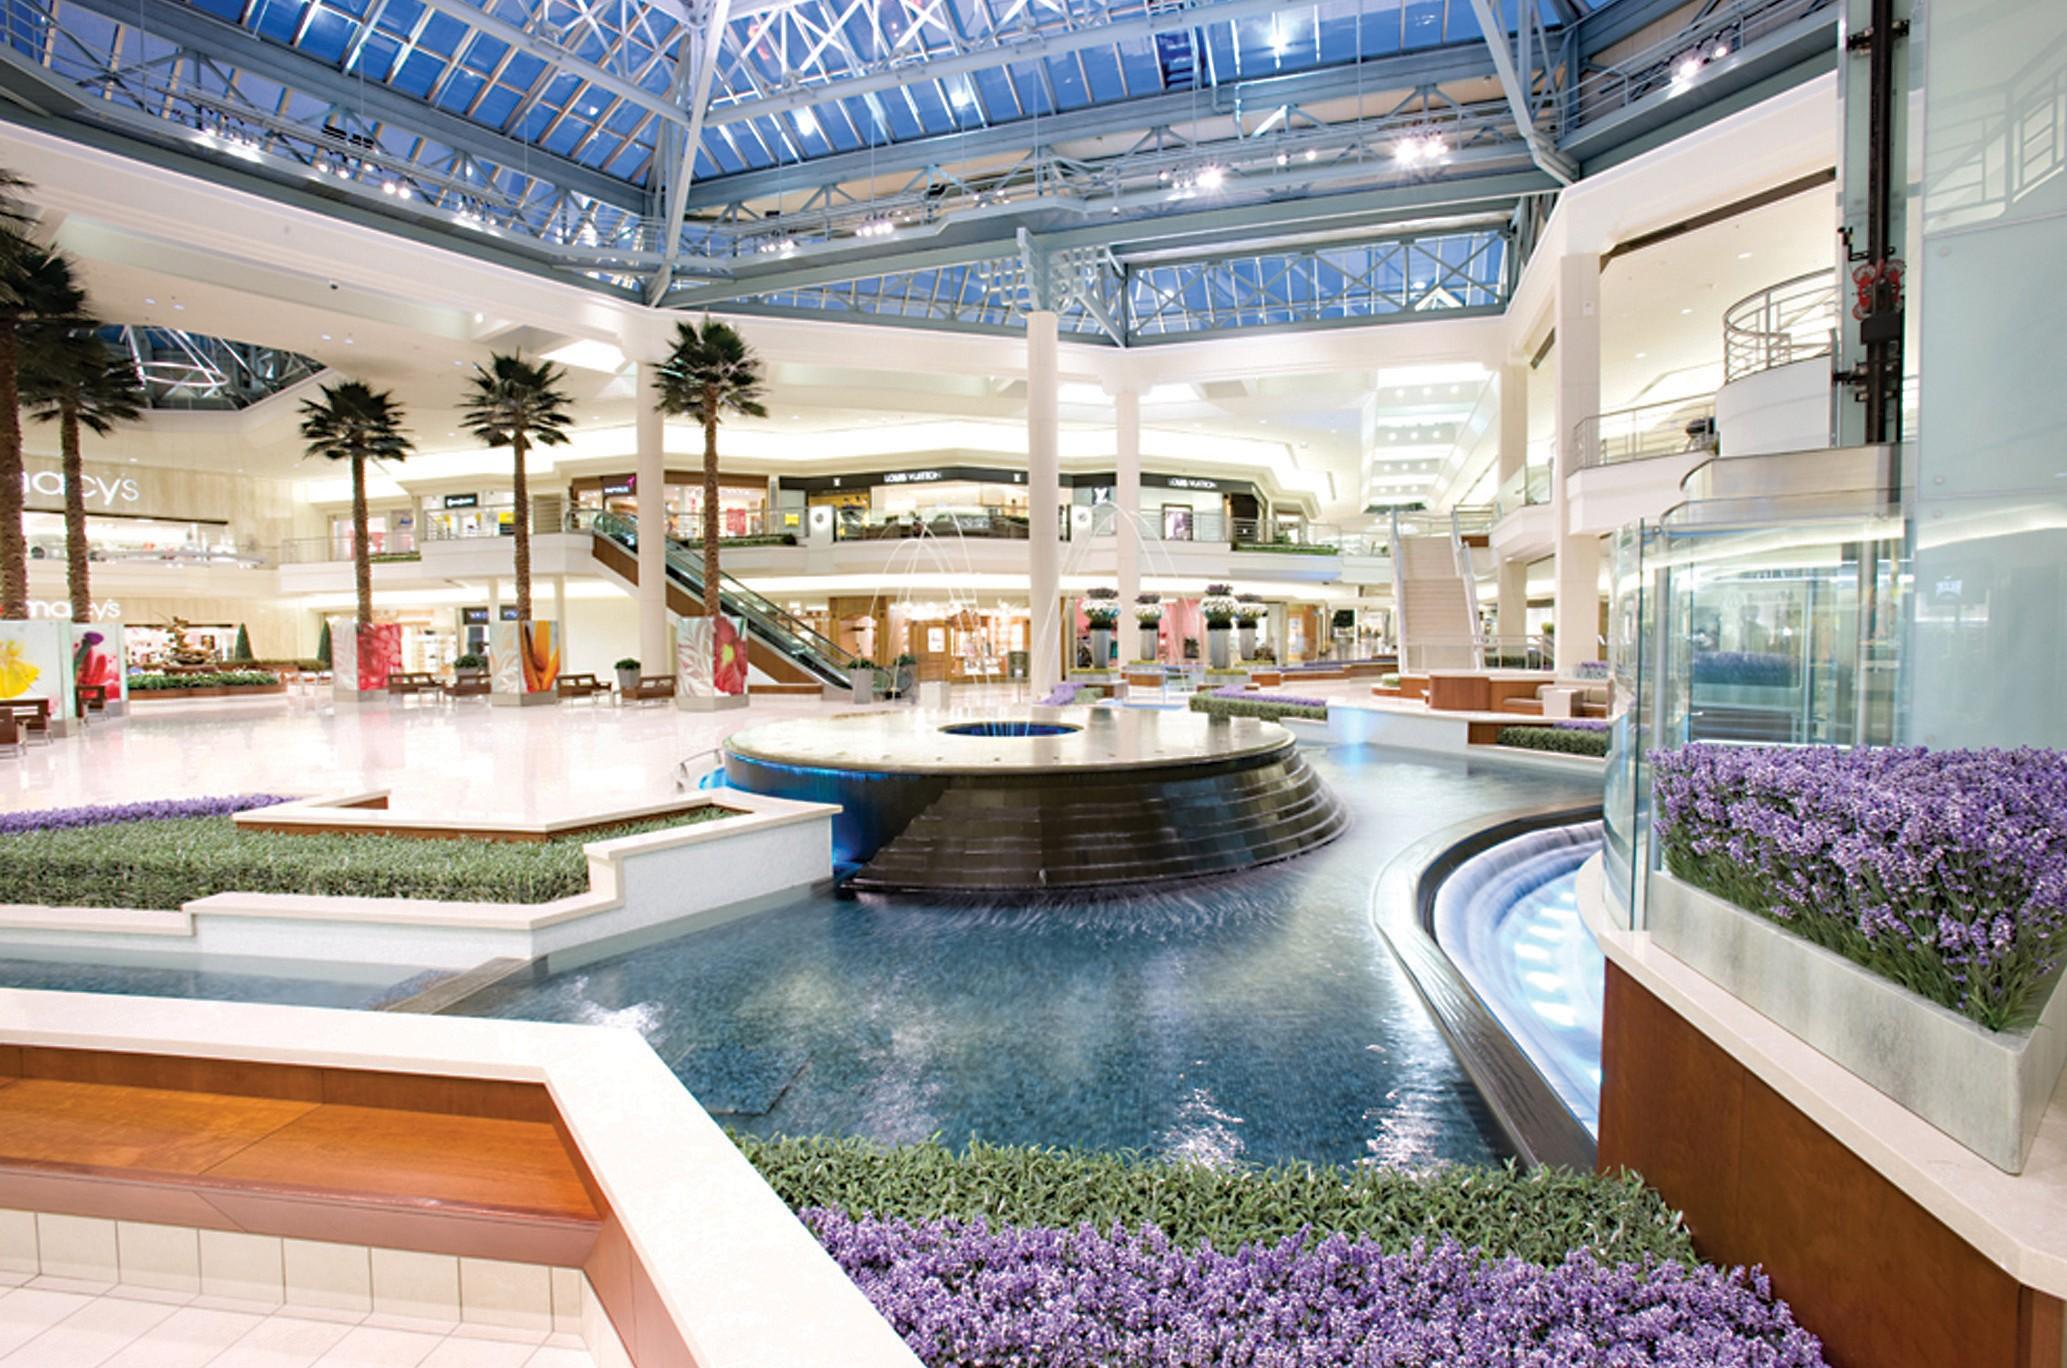 23p1 - Palm Beach Gardens Mall Hours Memorial Day